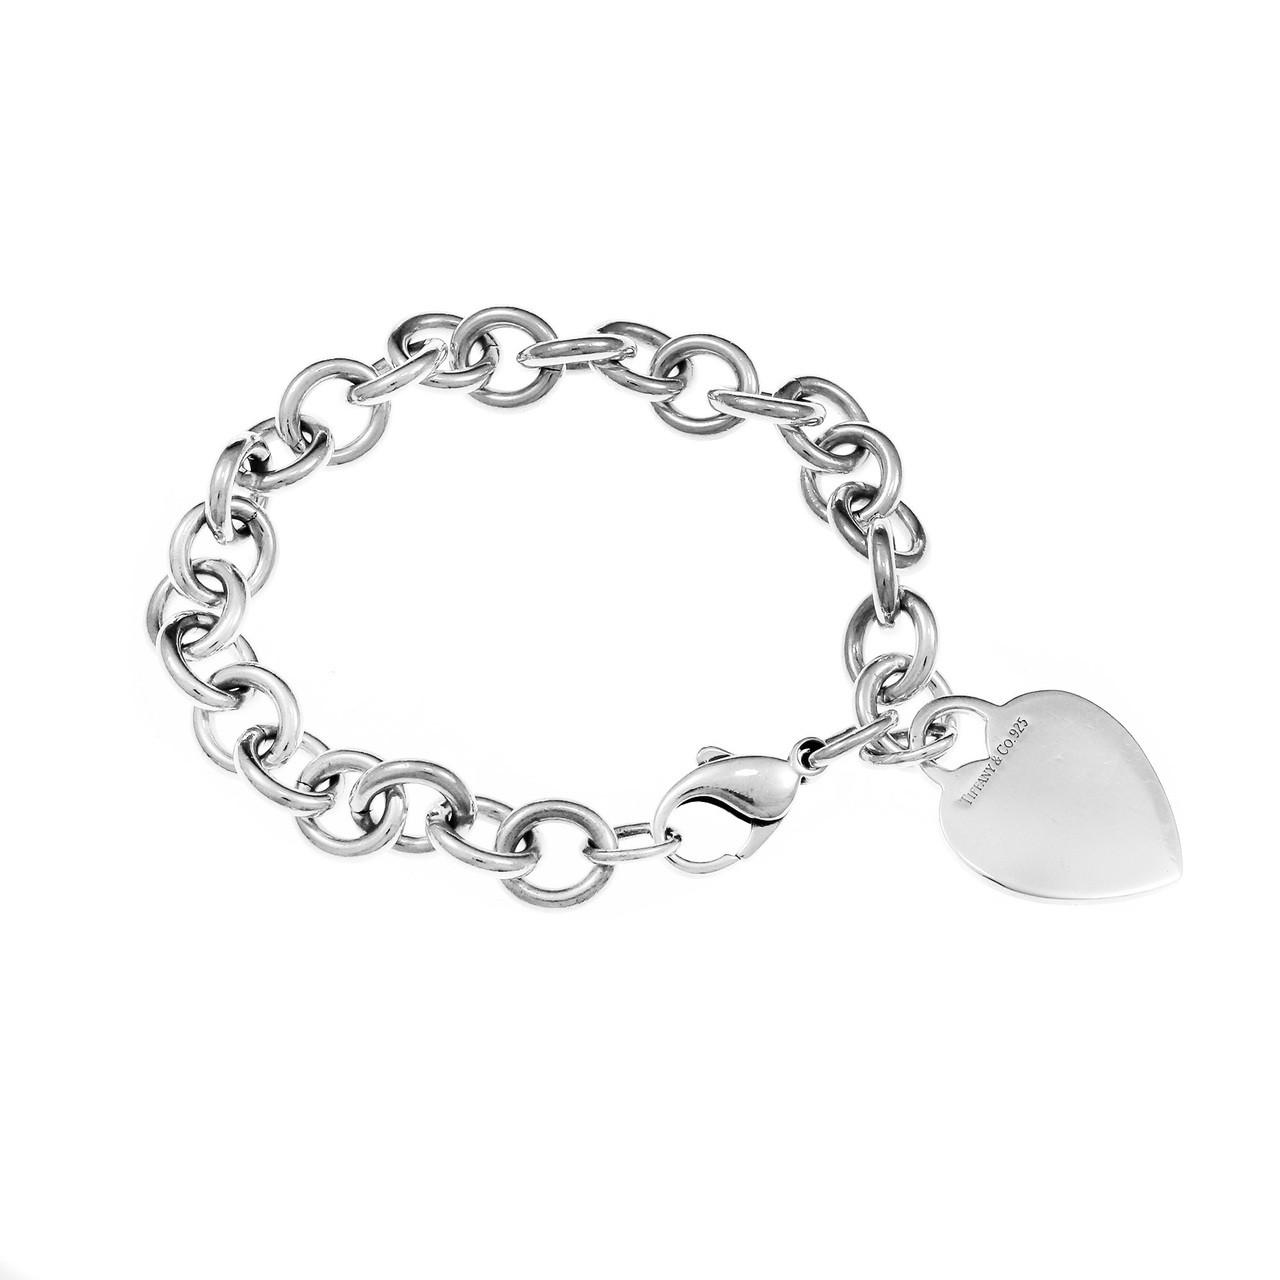 dd68ef490 Tiffany & Co Sterling Silver Rolo Link Bracelet Silver Heart Tag -  petersuchyjewelers